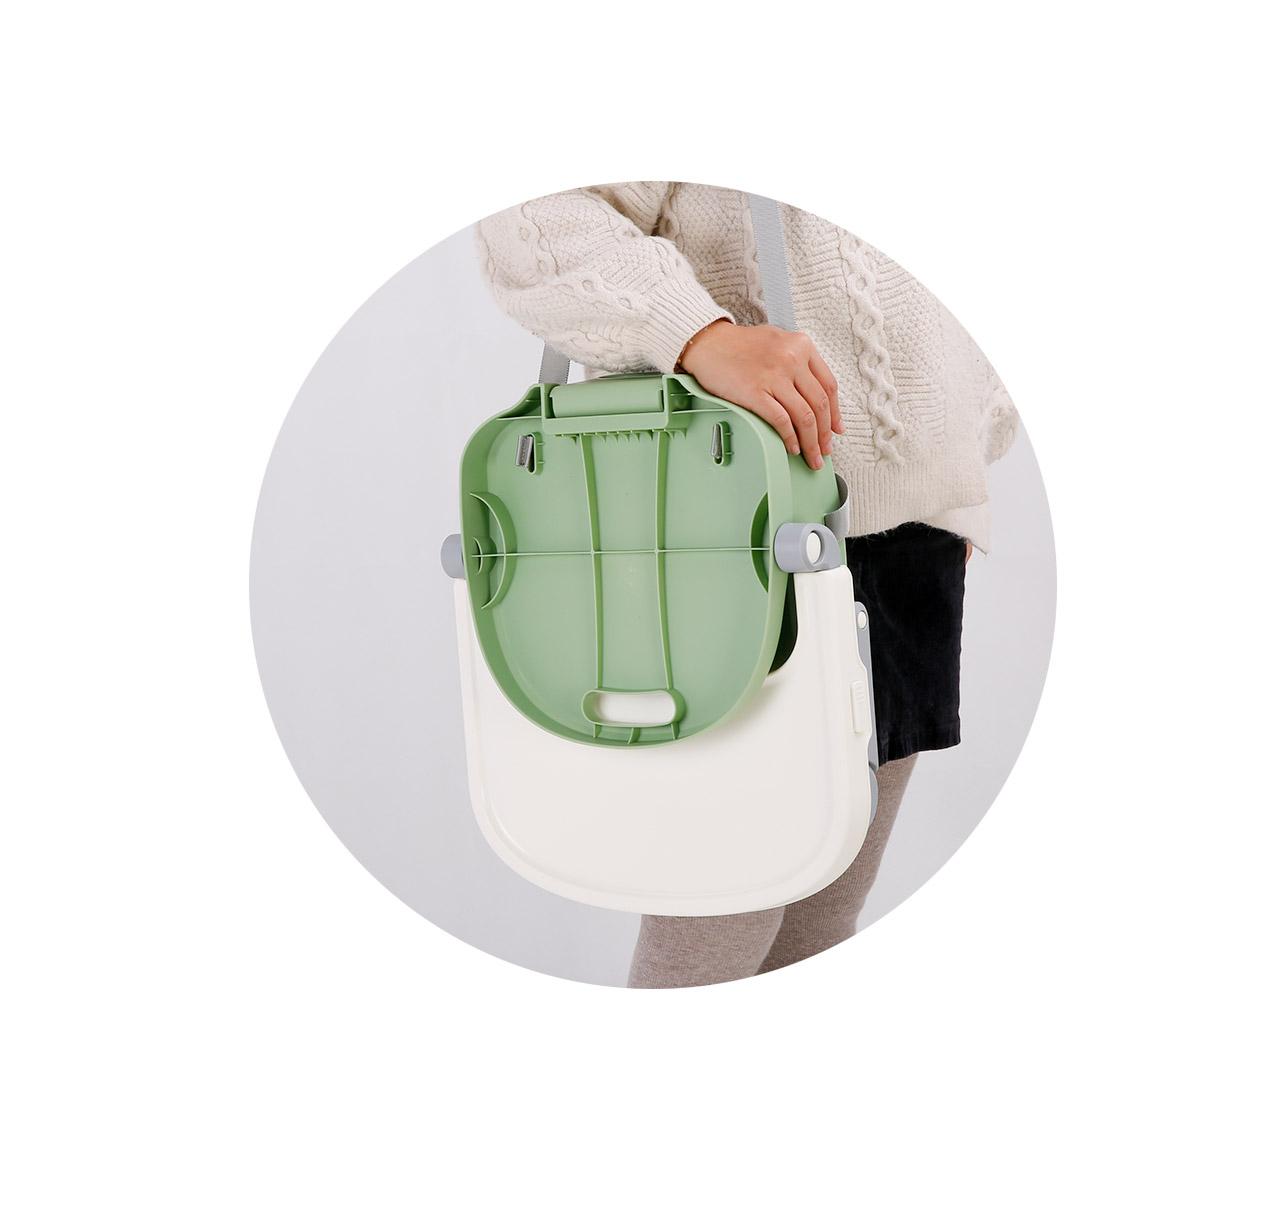 Silla de Comer OSAKA Booster Verde imagen 12